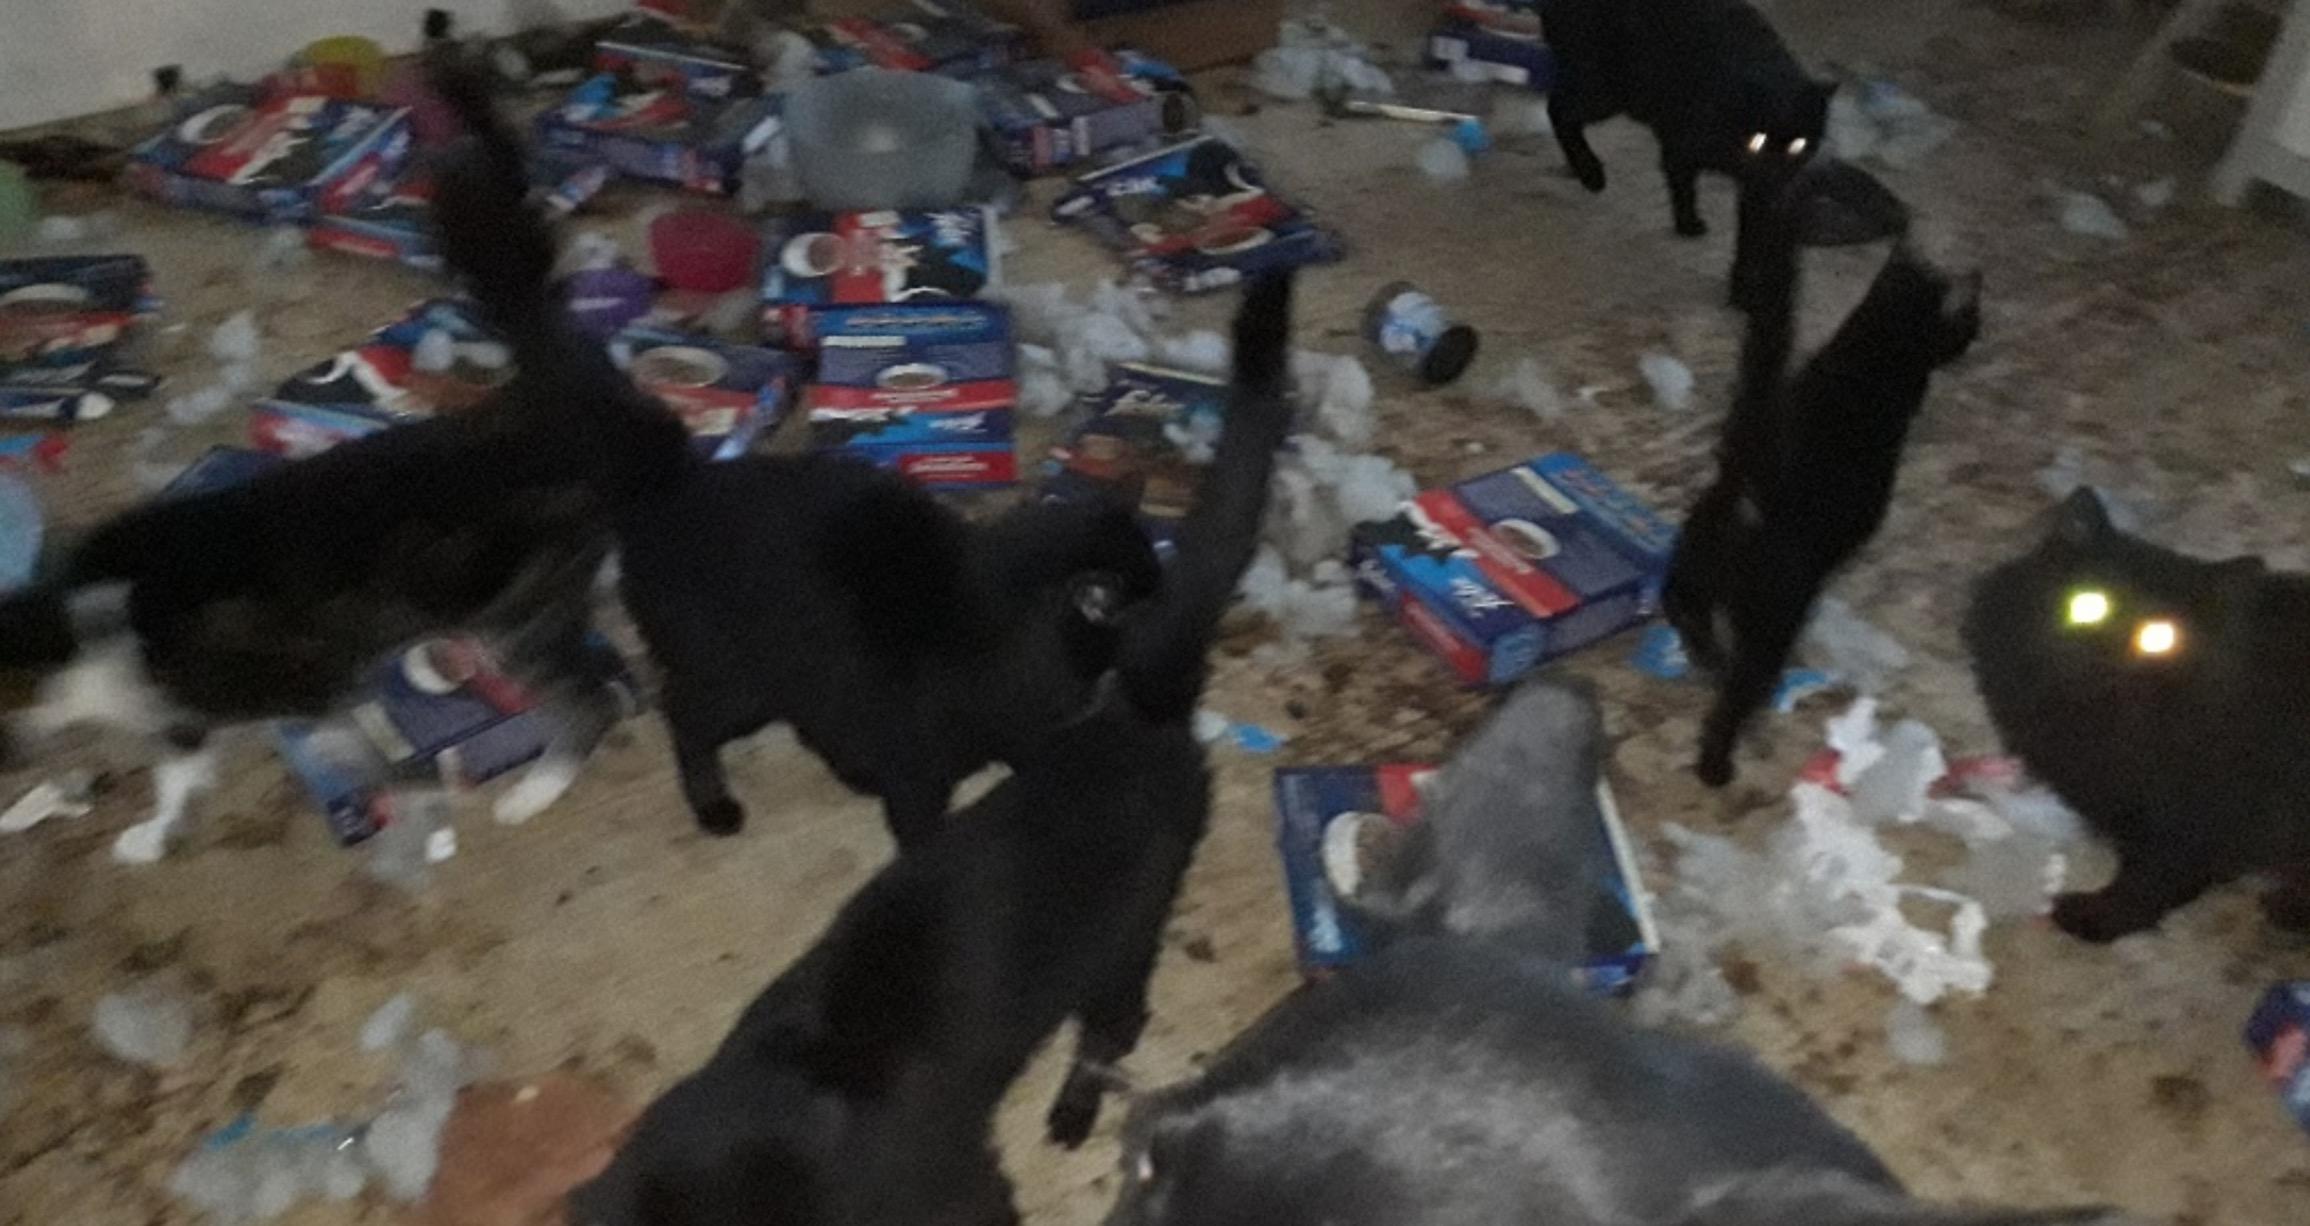 Dierenbeschermers halen 58 katten uit vervuild huis in de gemeente Katwijk [video]